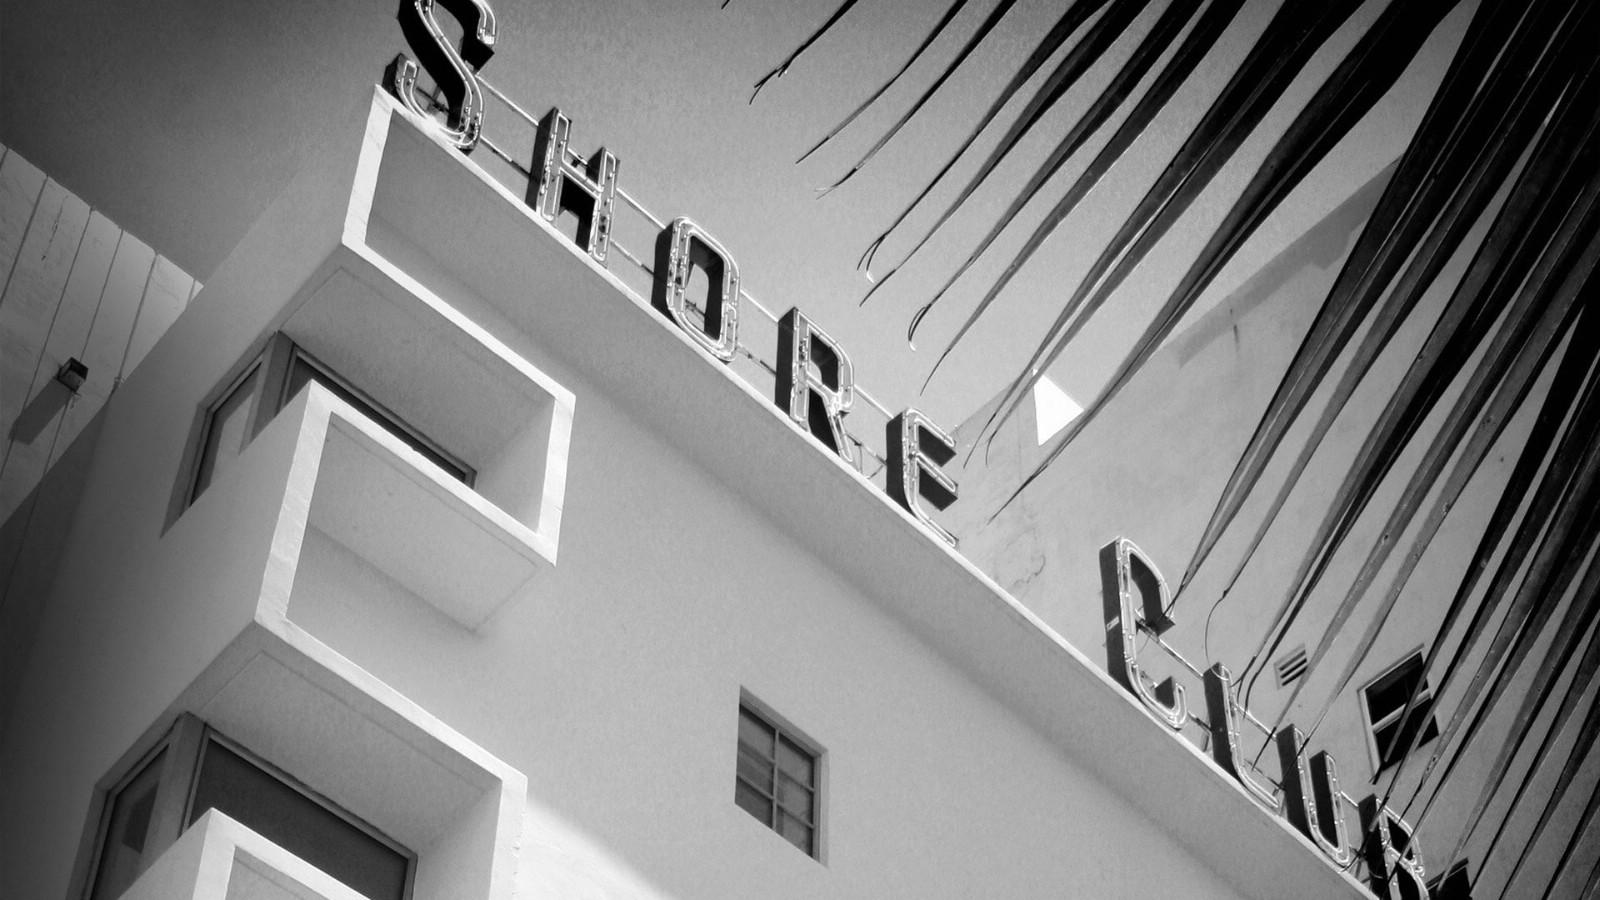 壁纸1600×900纯粹的光影美学 人文建筑黑白摄影壁纸 Shore Club Miami 迈阿密海岸俱乐部桌面壁纸壁纸 纯粹的光影美学人文建筑黑白摄影壁纸壁纸图片人文壁纸人文图片素材桌面壁纸